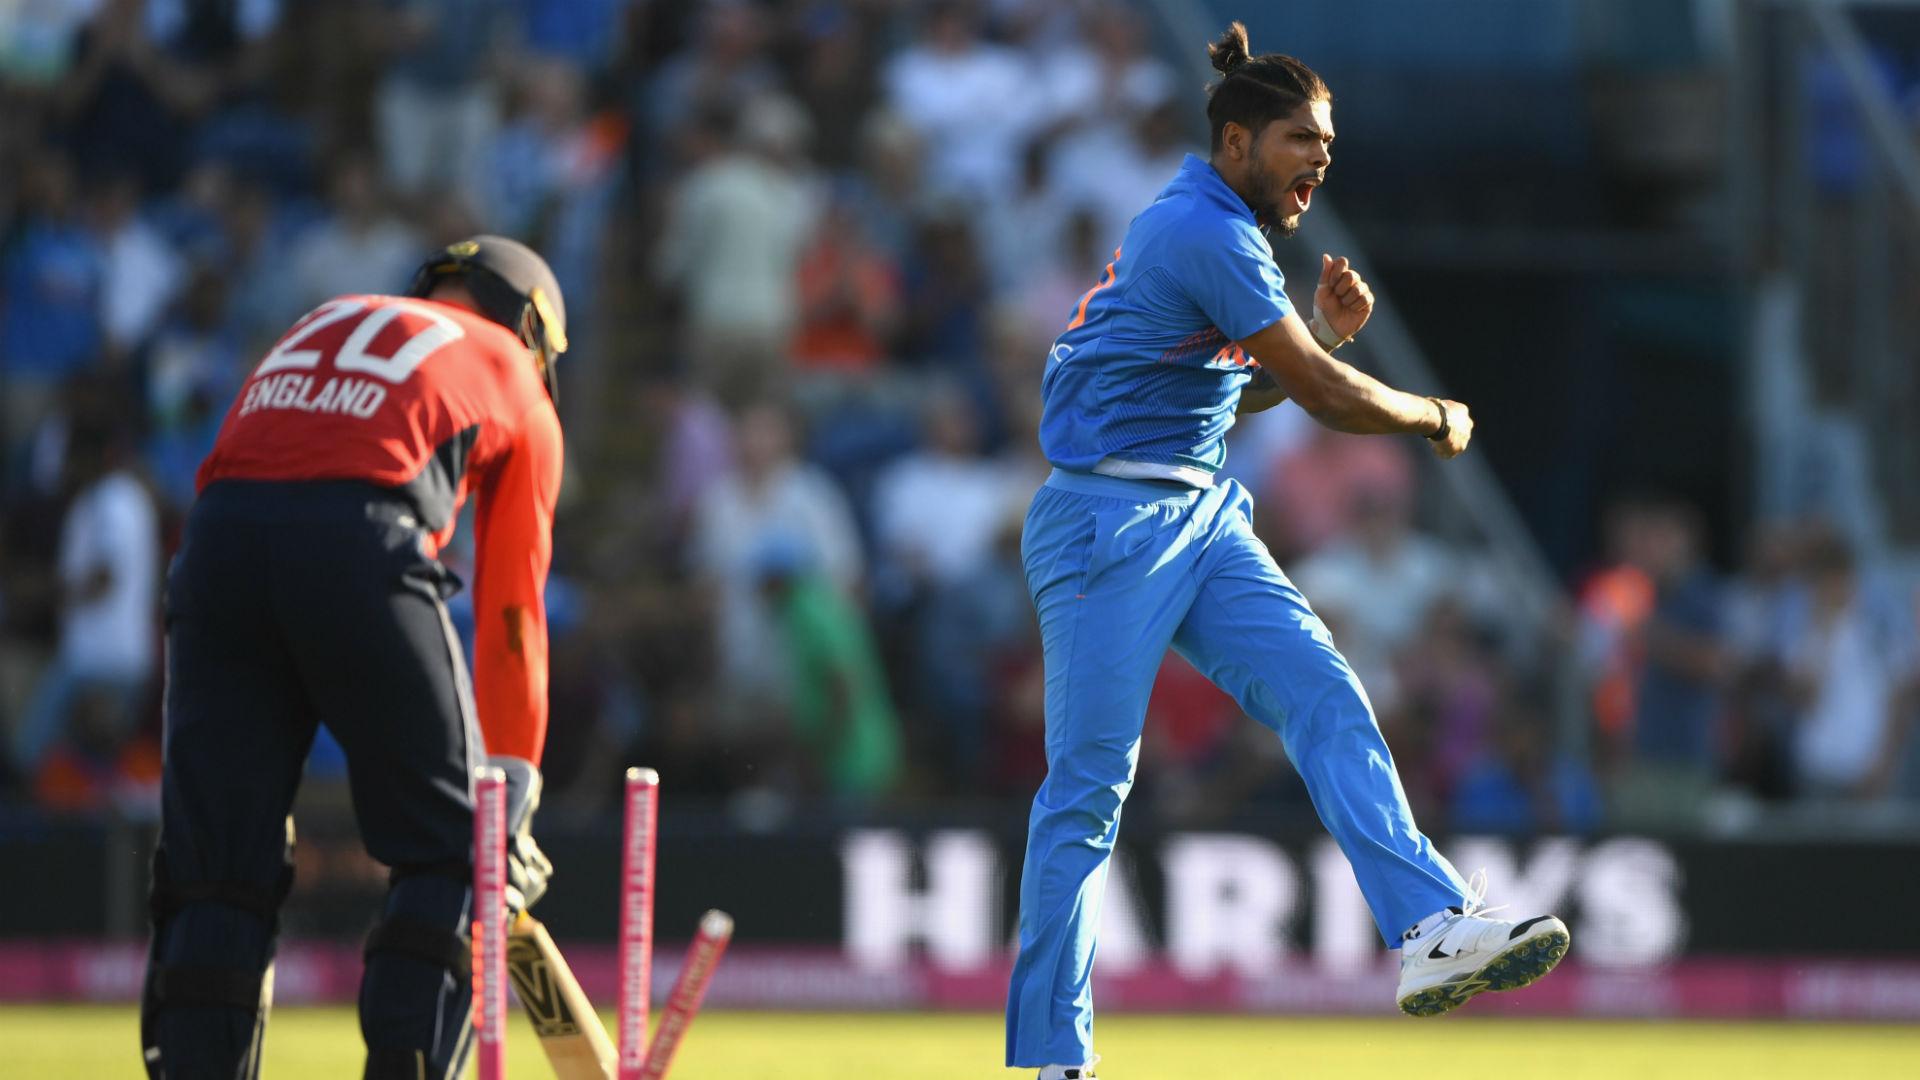 Umesh replaces injured Thakur